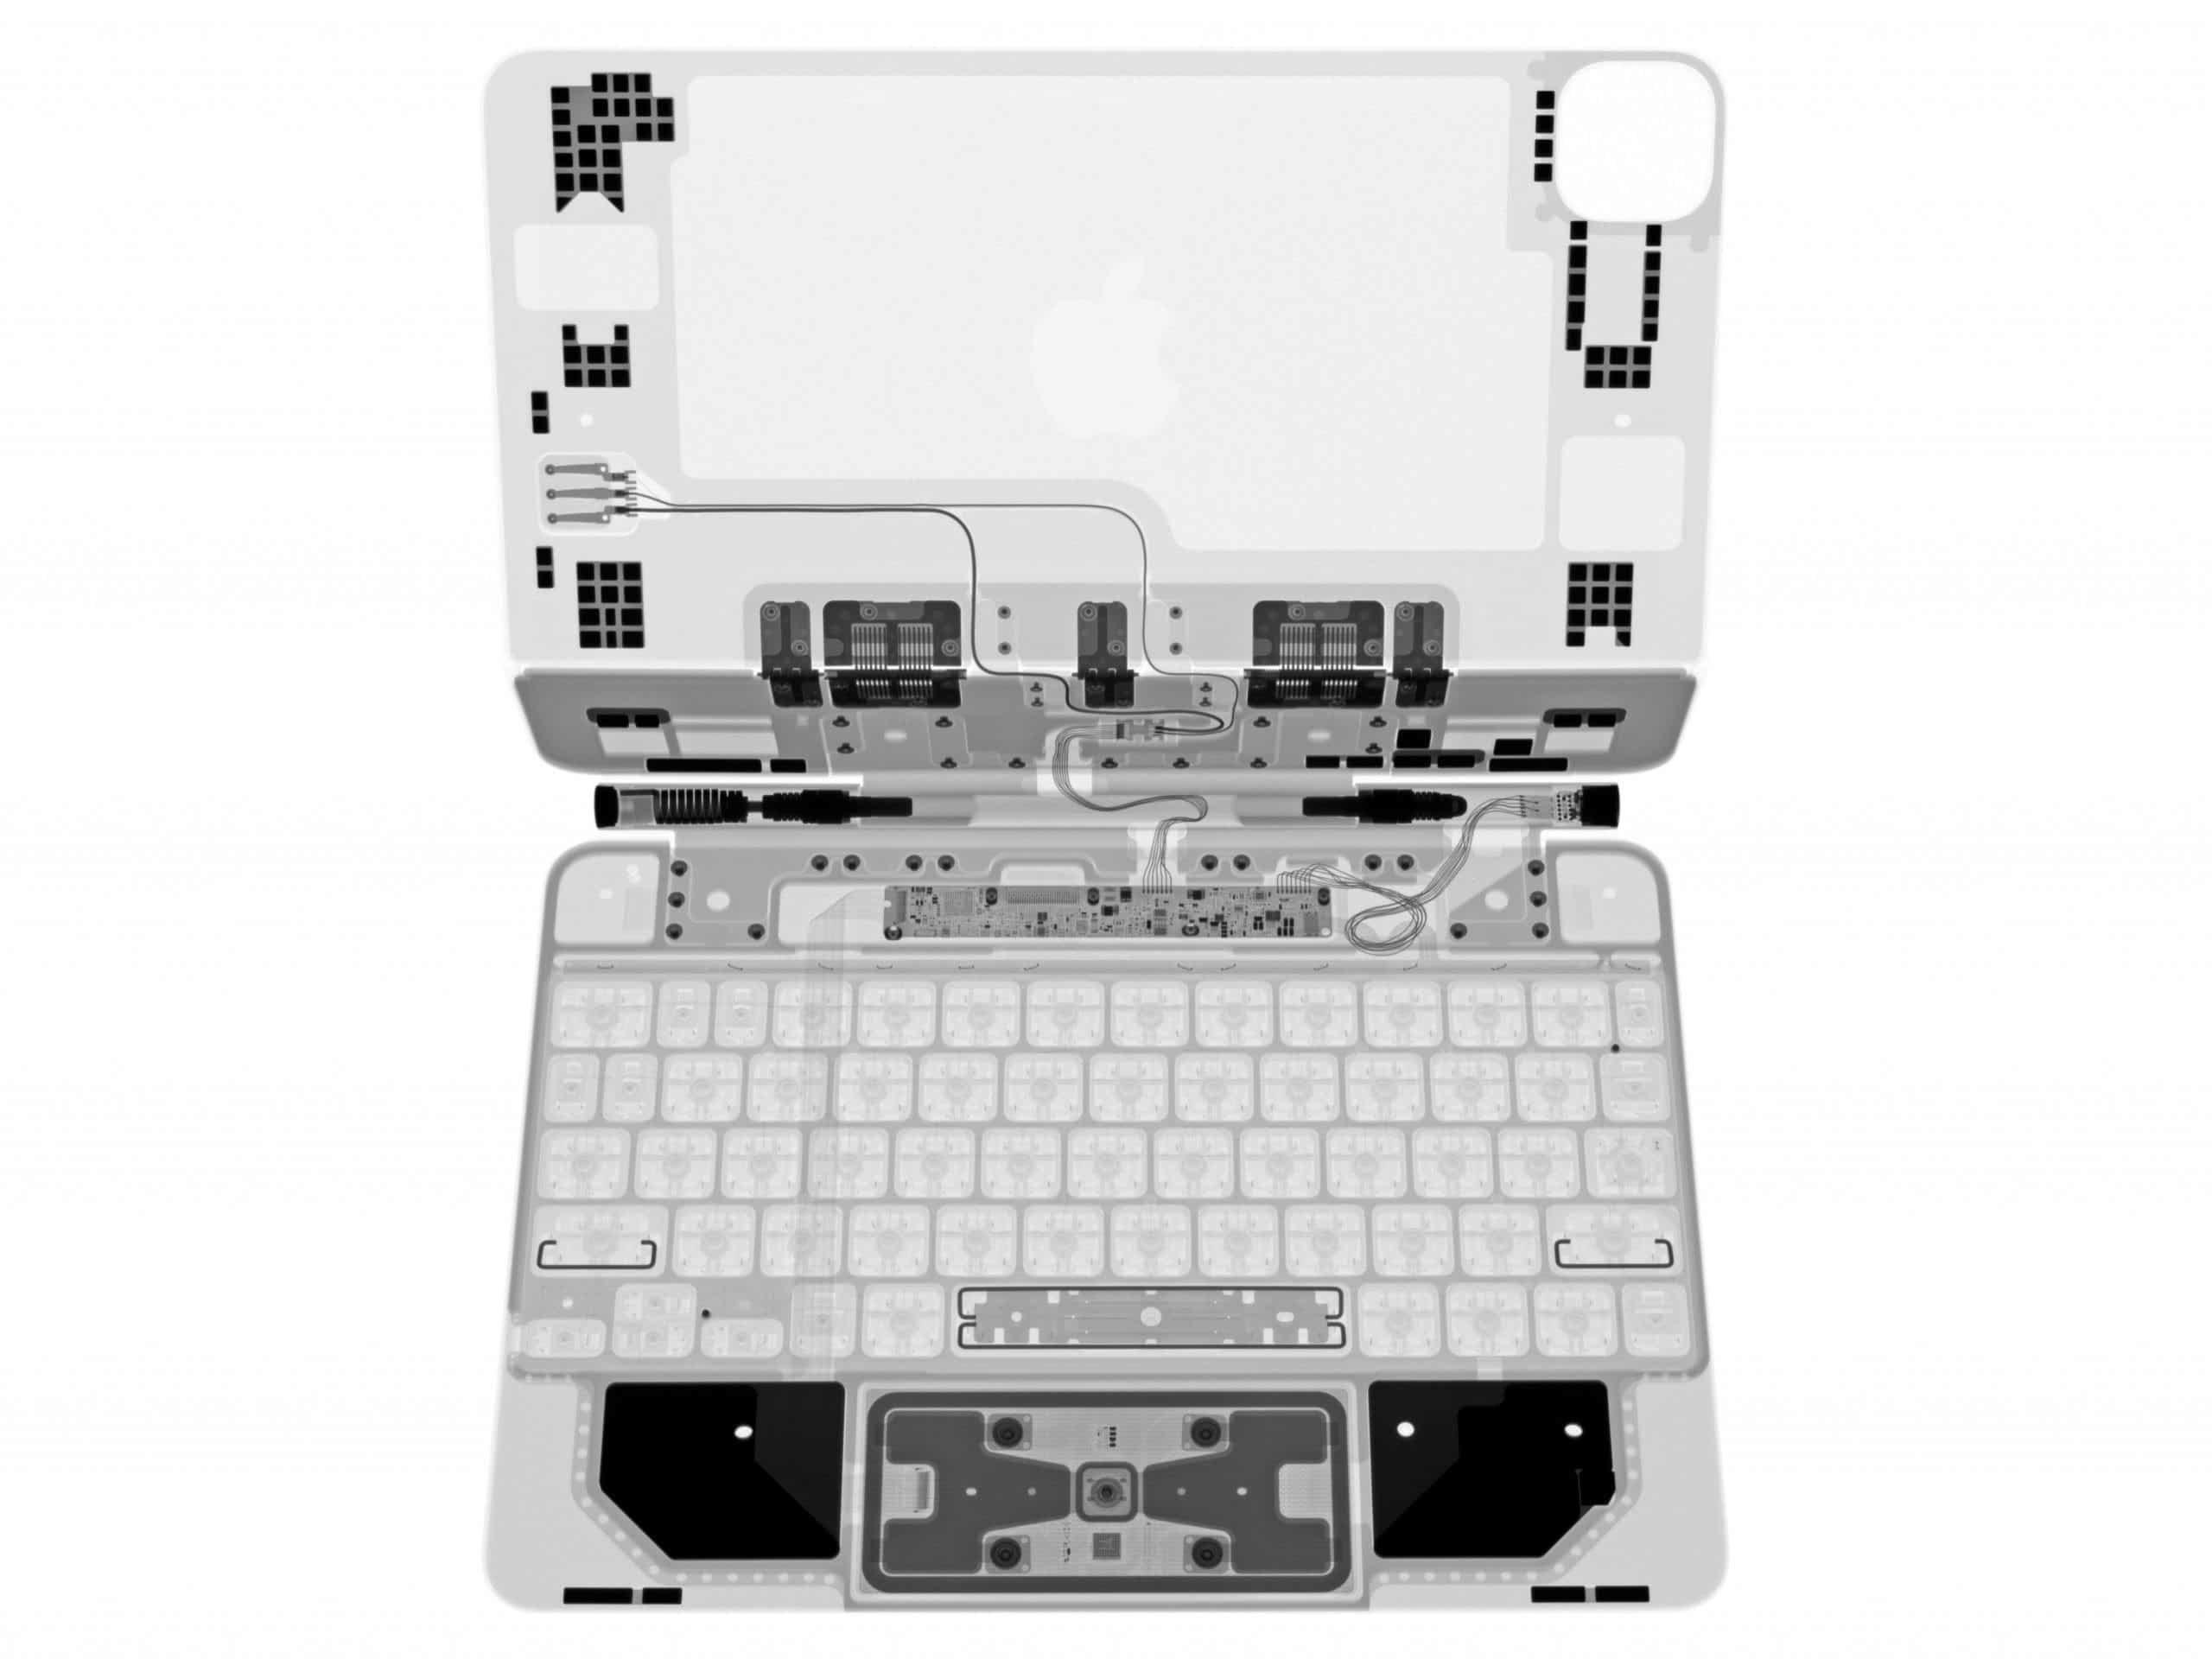 Magic Keyboard fürs iPad Pro im Röntgengerät